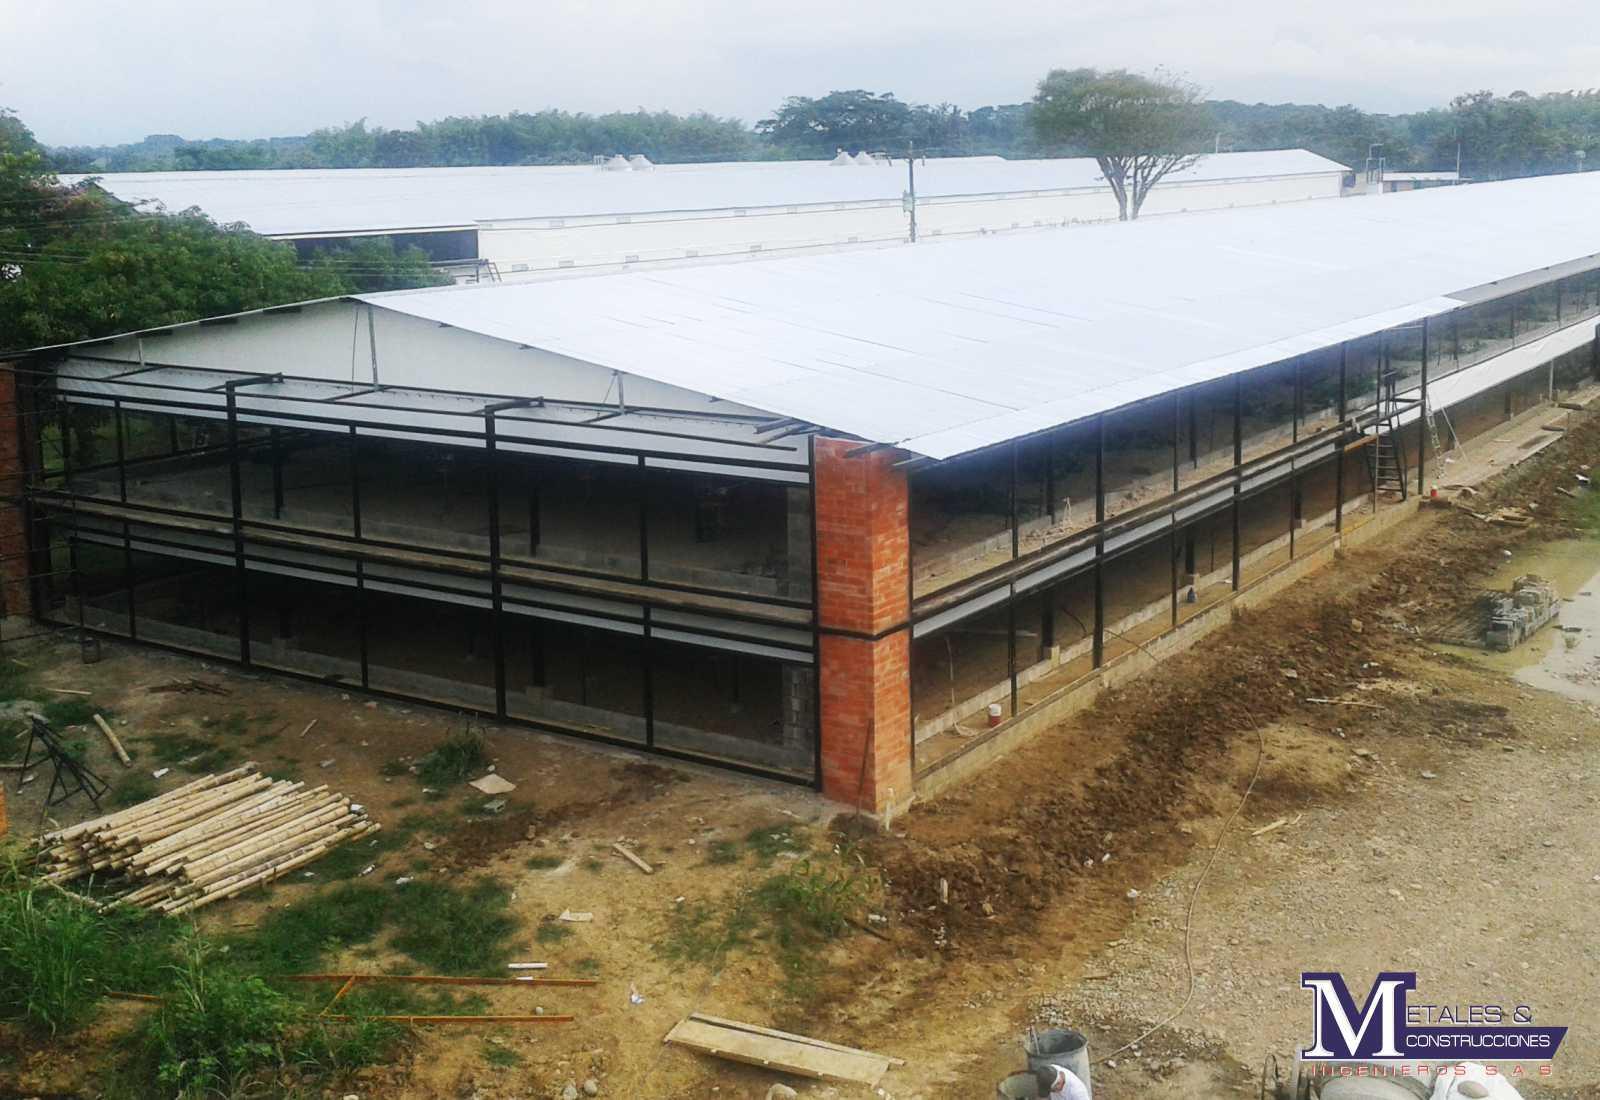 Avicola Metales y construcciones 2007